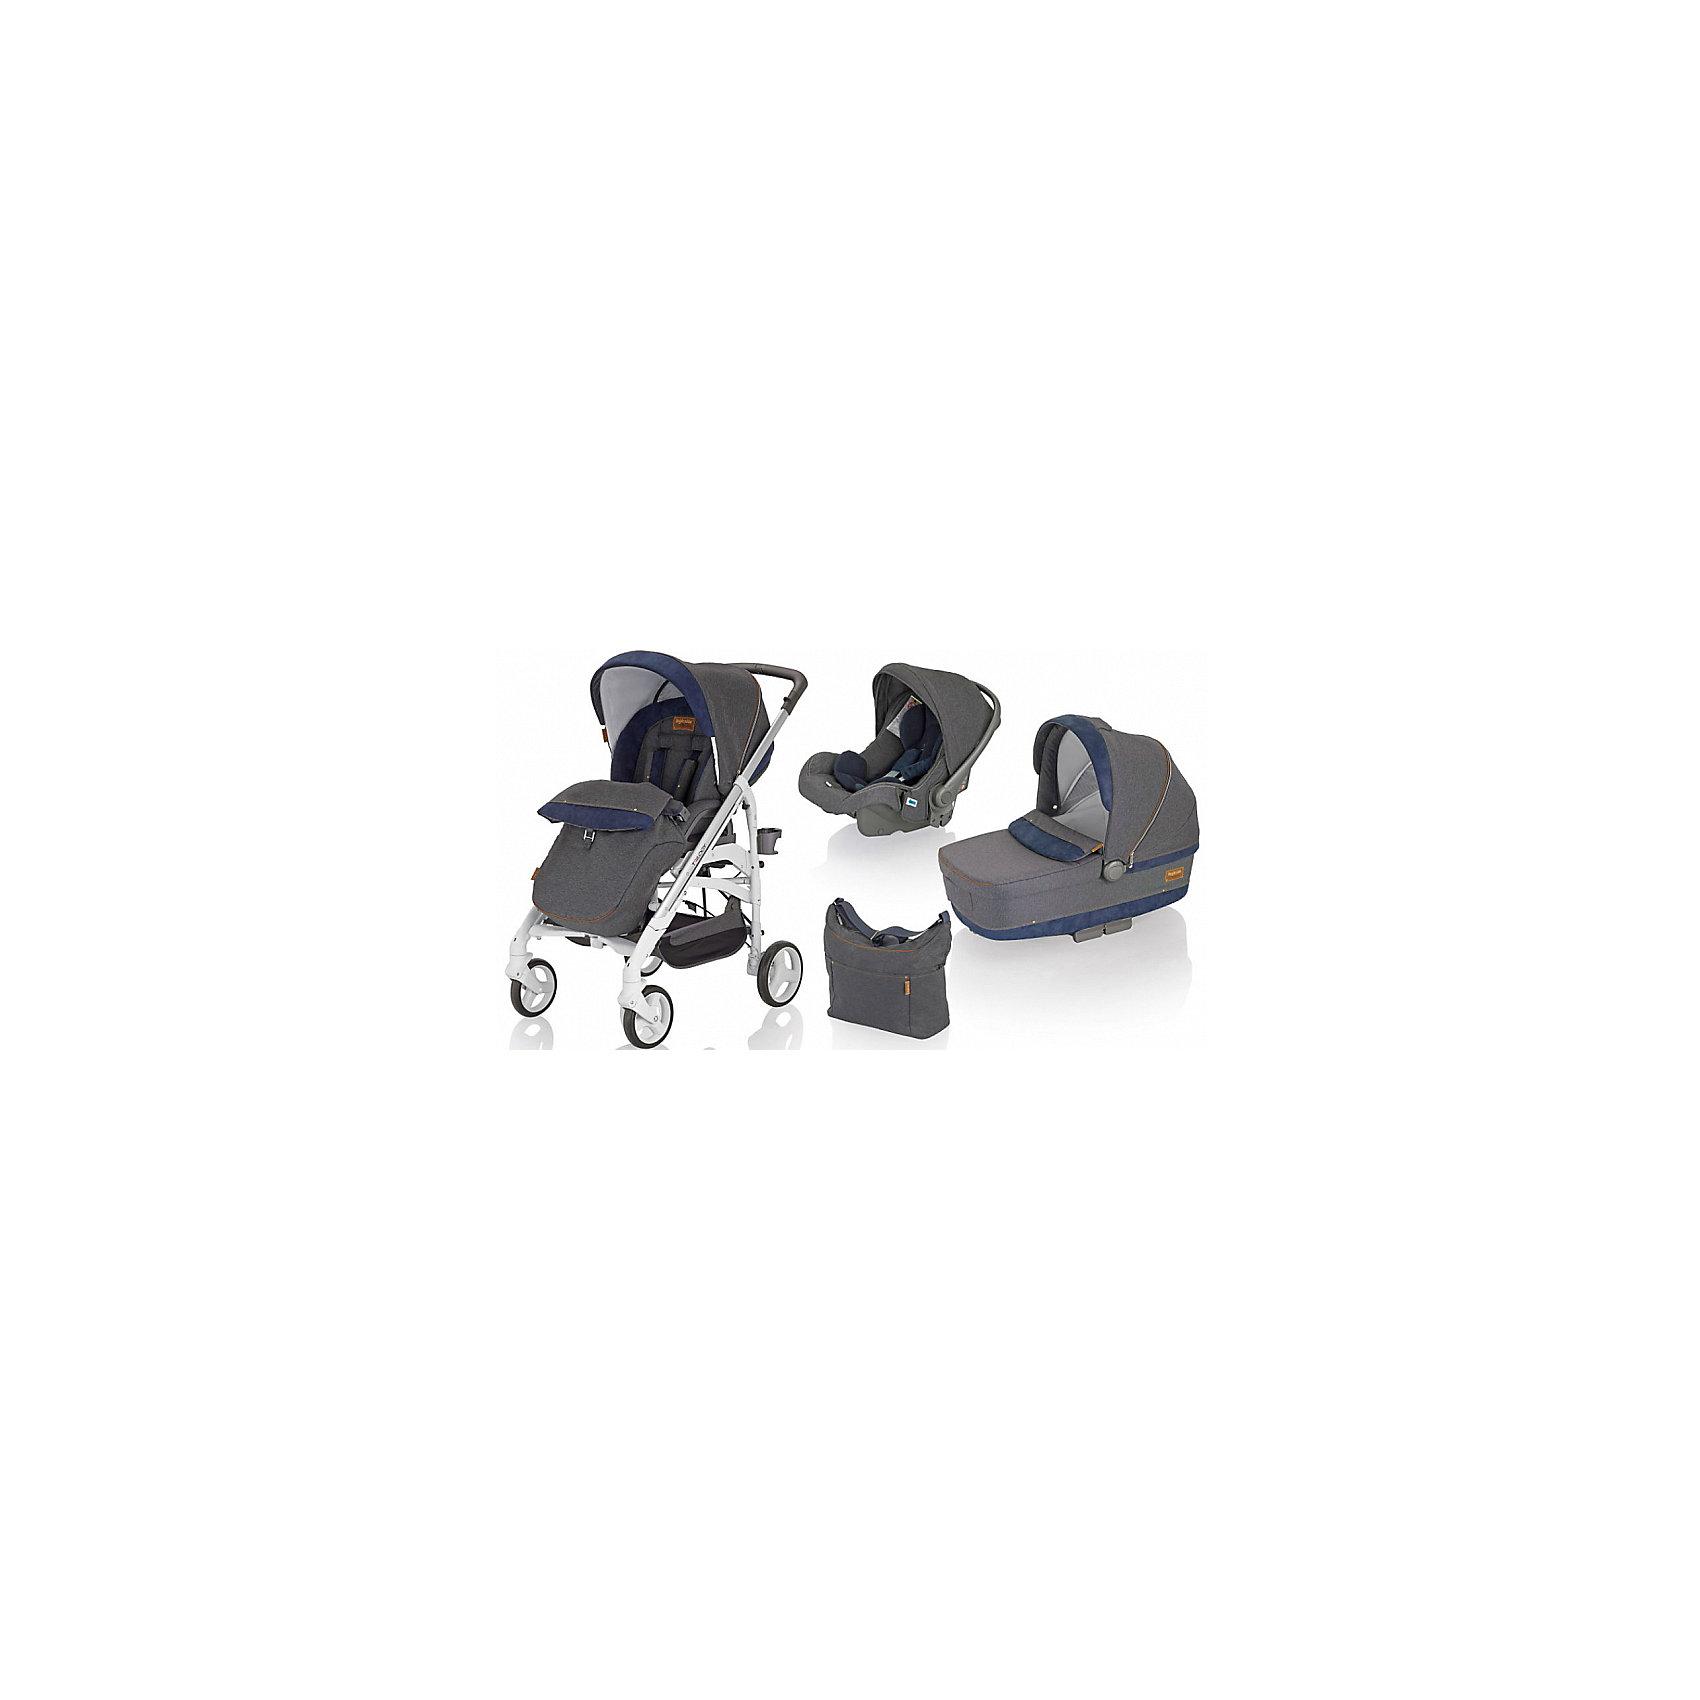 Коляска 3 в 1 Trilogy System, Inglesina, на шасси Trilogy WhiteКоляска 3 в 1TrilogySystem, Inglesina - уникальная модель, в которой продумана каждая мелочь. Она походит тем родителям, которые решили обеспечить своего малыша всеми возможными транспортными средствами на будущее. Прочная стальная рама с системой амортизации, делающая ход коляски плавным, оснащена передними поворотными колесами прекрасно подходящими для всех видов грунта. На шасси можно расположить люльку для младенца, прогулочный блок или автокресло. Система монтажа Easy Clips очень быстрая и удобная - нужная комплектация устанавливается в считанные минуты. Люлька с просторным ложем оснащена системой вентиляции, все текстильные элементы выполнены из высококачественных гипоаллергенных материалов. Спинку можно приподнять и опустить. В капюшоне – окошко для циркуляции воздуха.<br>Прогулочный блок оснащен ремнями безопасности. Спинка и подножка раскрываются до 175?, превращаясь в полноценное спальное место для крохи. <br><br>Дополнительная информация:<br><br>- Материал: текстиль, сталь, резина, пластик.<br>- 4 колеса: итые, резиновые, с подшипниками: передние – поворотные, с возможностью фиксации (рычаг блокировки расположен на раме).<br>- Диаметр колес: 17,5 см и 20,5 см.<br>- Система амортизации. <br>- Люлька на шасси: 112х56,5х86 см<br>- Шасси с прогулочным блоком в разложенном виде: 56,5x107x83 см<br>- Шасси с прогулочным блоком в сложенном виде: 36,5х97x48 см<br>- Размер автокресла: 55х42х68 см.<br>- Размер люльки: 62x47x86  см.<br>- Внутренний размер люльки:  22х34х74 см.<br>- Люлька: 2 положения спинки, ручка-переноска.<br>- Прогулочный блок: ремни безопасности, 3 положения спинки; 2 положения подножки, съемный бампер. <br>- В комплекте:  шасси, люлька, автокресло, прогулочный блок, накидка на ножки, дождевик, подстаканник, сумка для мамы.<br>- Вес автокресла: 4 кг.<br>- Вес люльки: 5,5 кг.<br>- Вес шасси с прогулочным блоком: 9,5 кг.<br><br>Коляску 3 в 1 Trilogy System, Inglesina (Инглезина), на ша